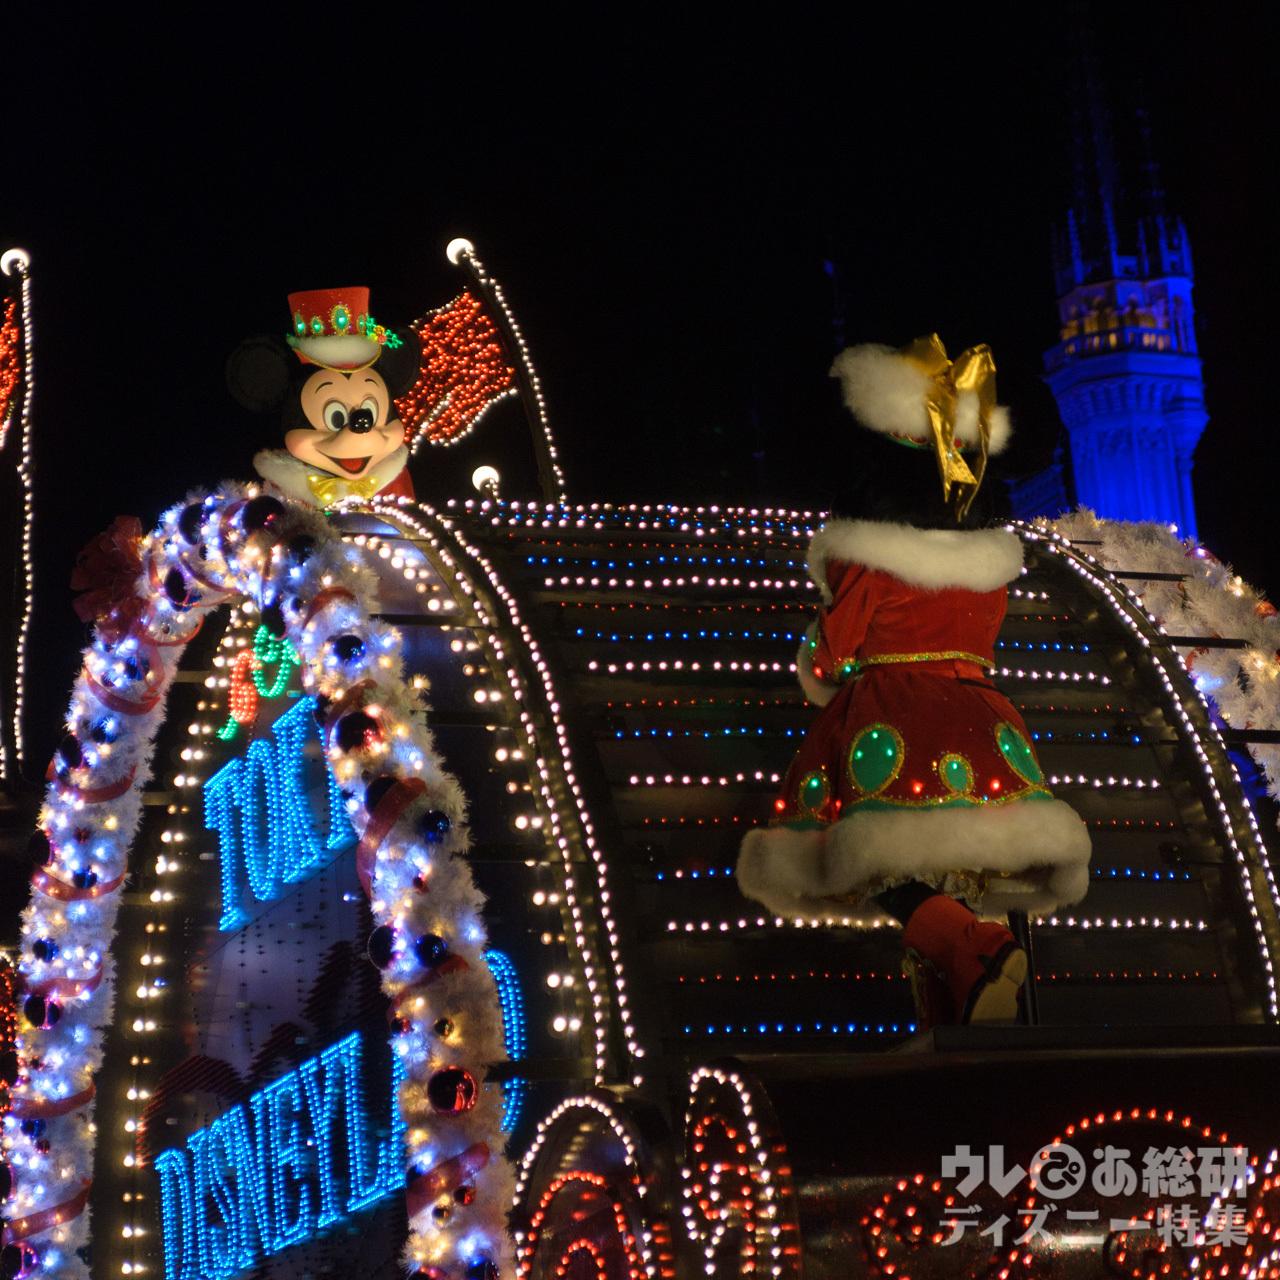 クリスマス期間だけ! tdl「エレクトリカルパレード」限定バージョンを